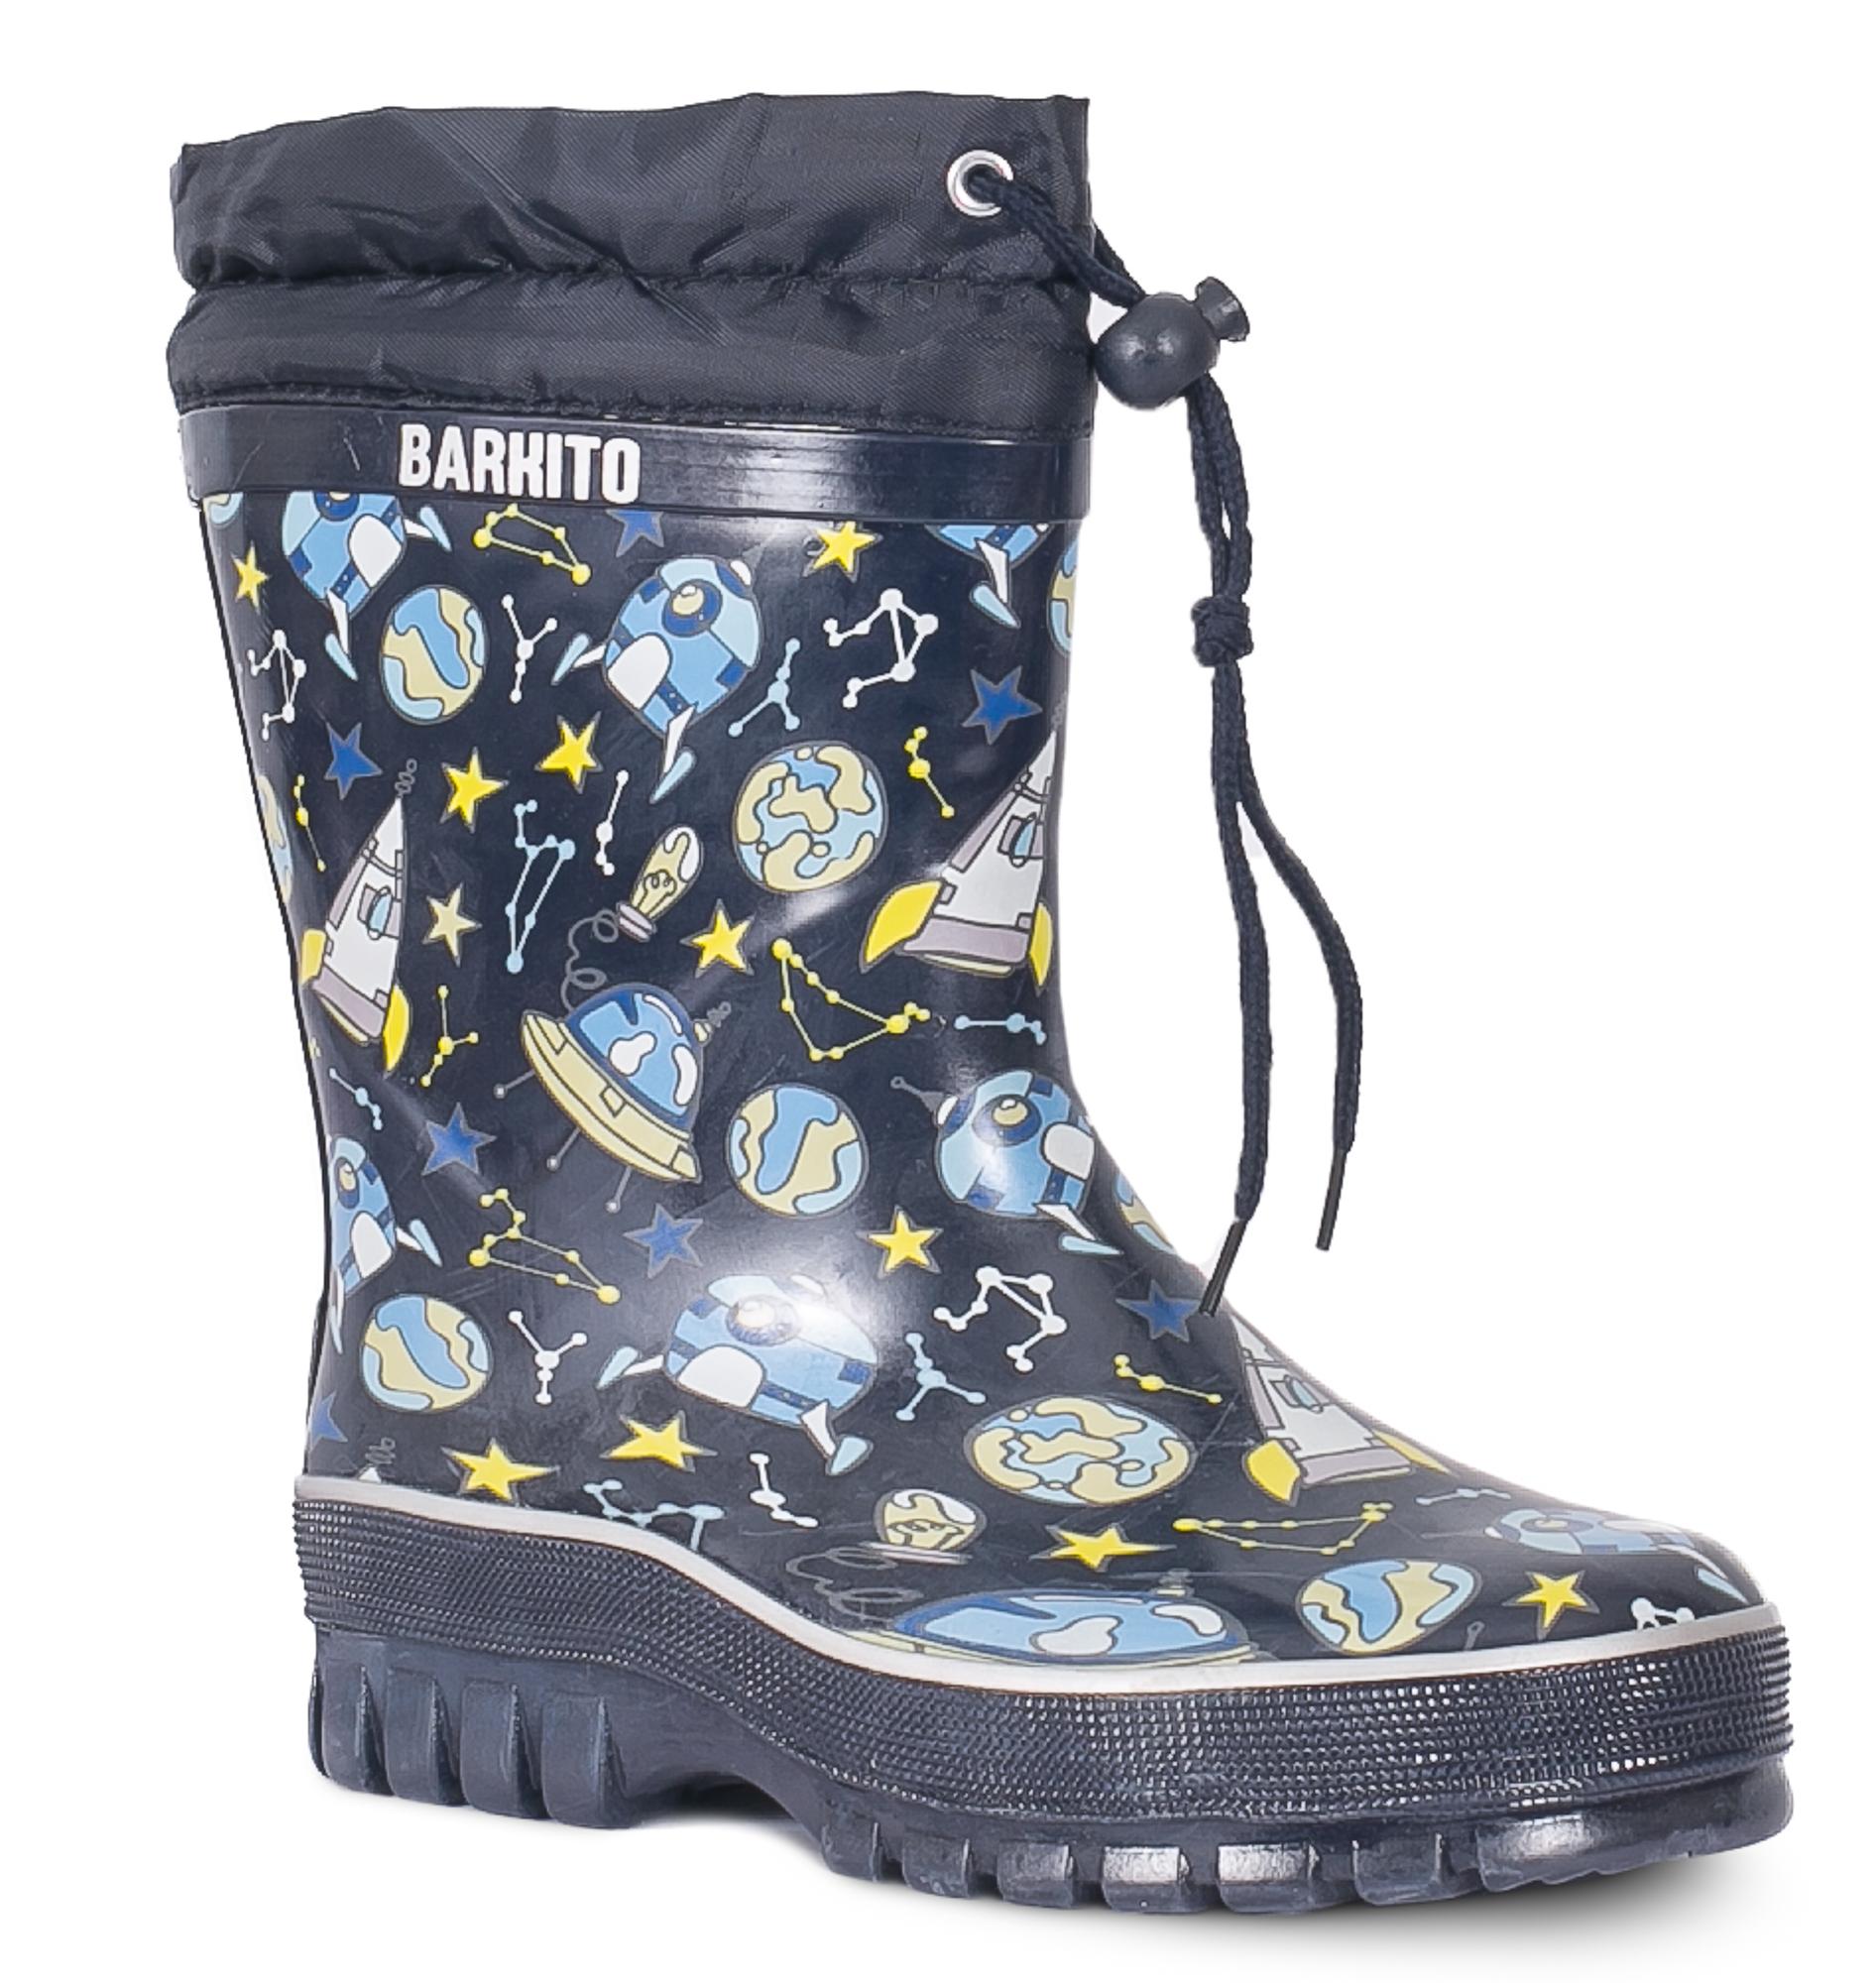 Резиновые сапоги для мальчика Barkito KRW18108 сапоги для мальчиков barkito синие